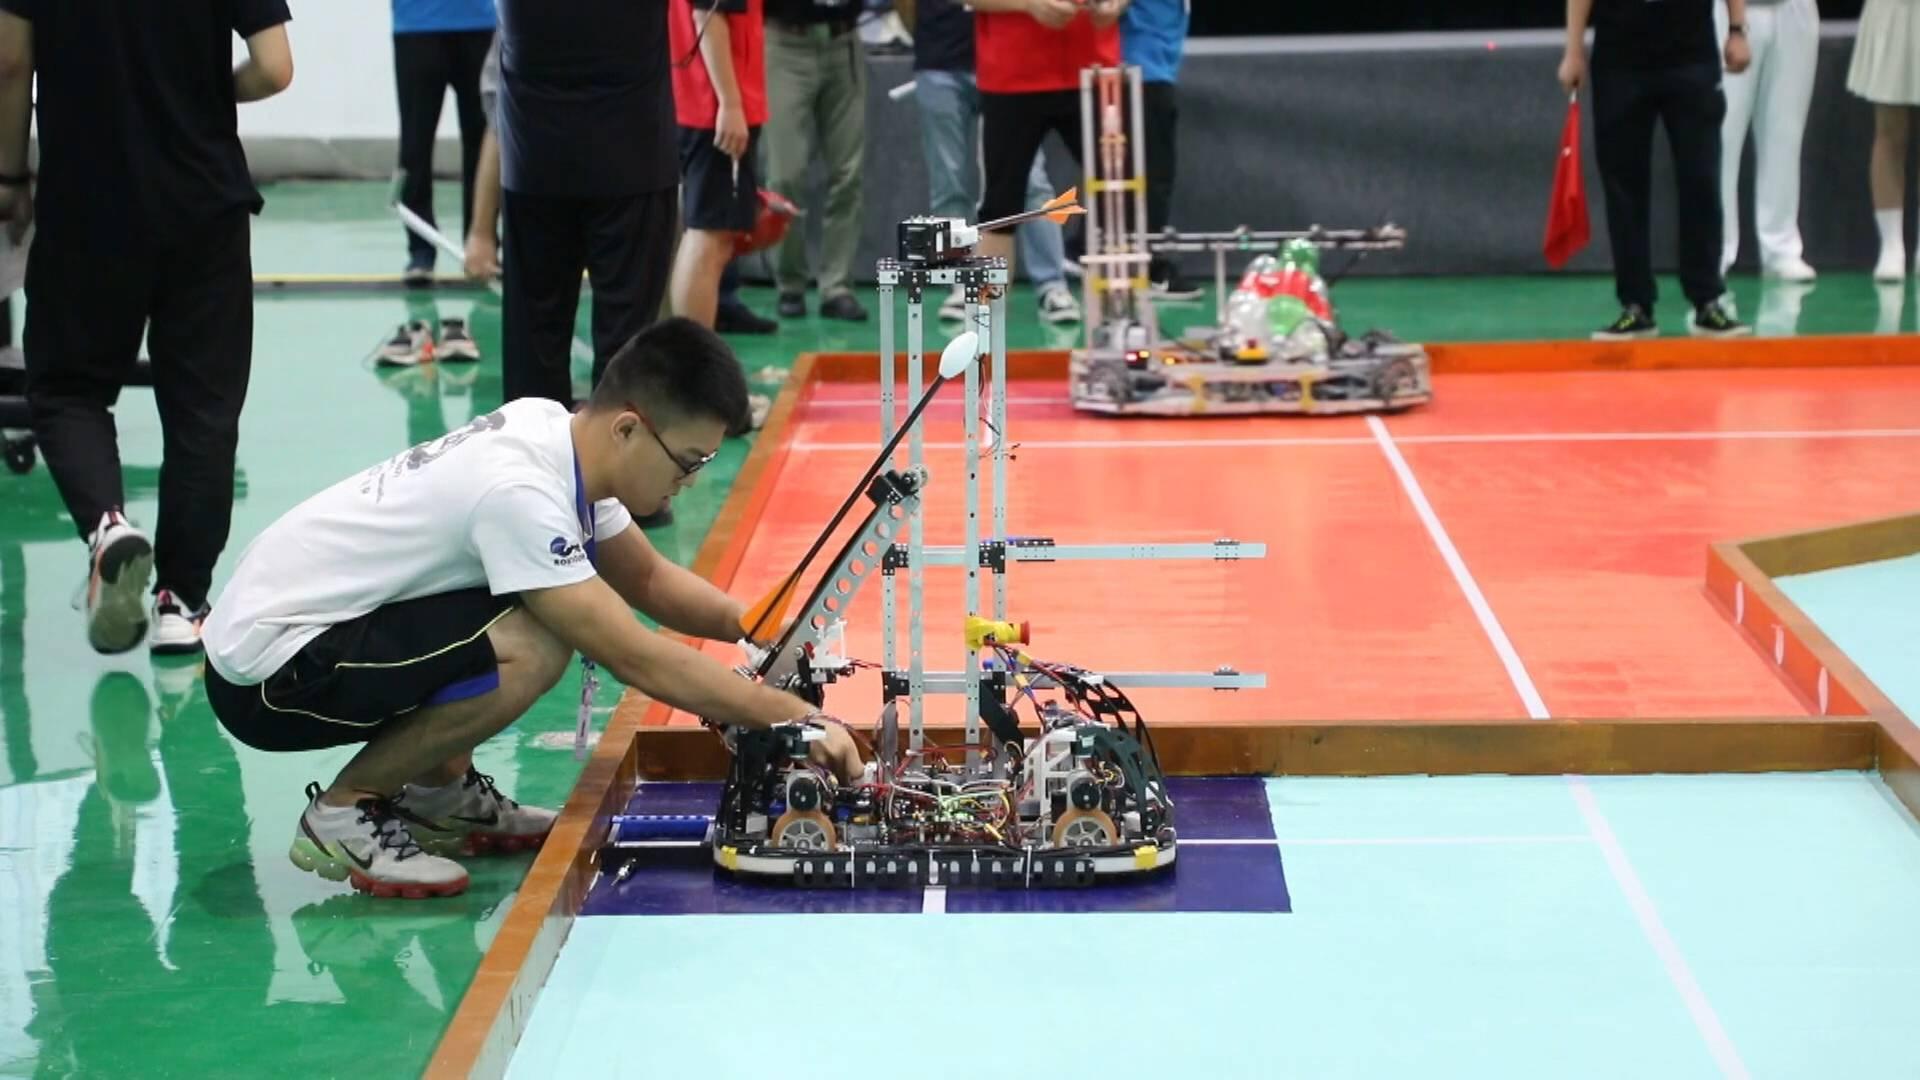 83所高校 116支队伍 2000余人参赛 第二十届全国大学生机器人大赛ROBOCON28日开幕